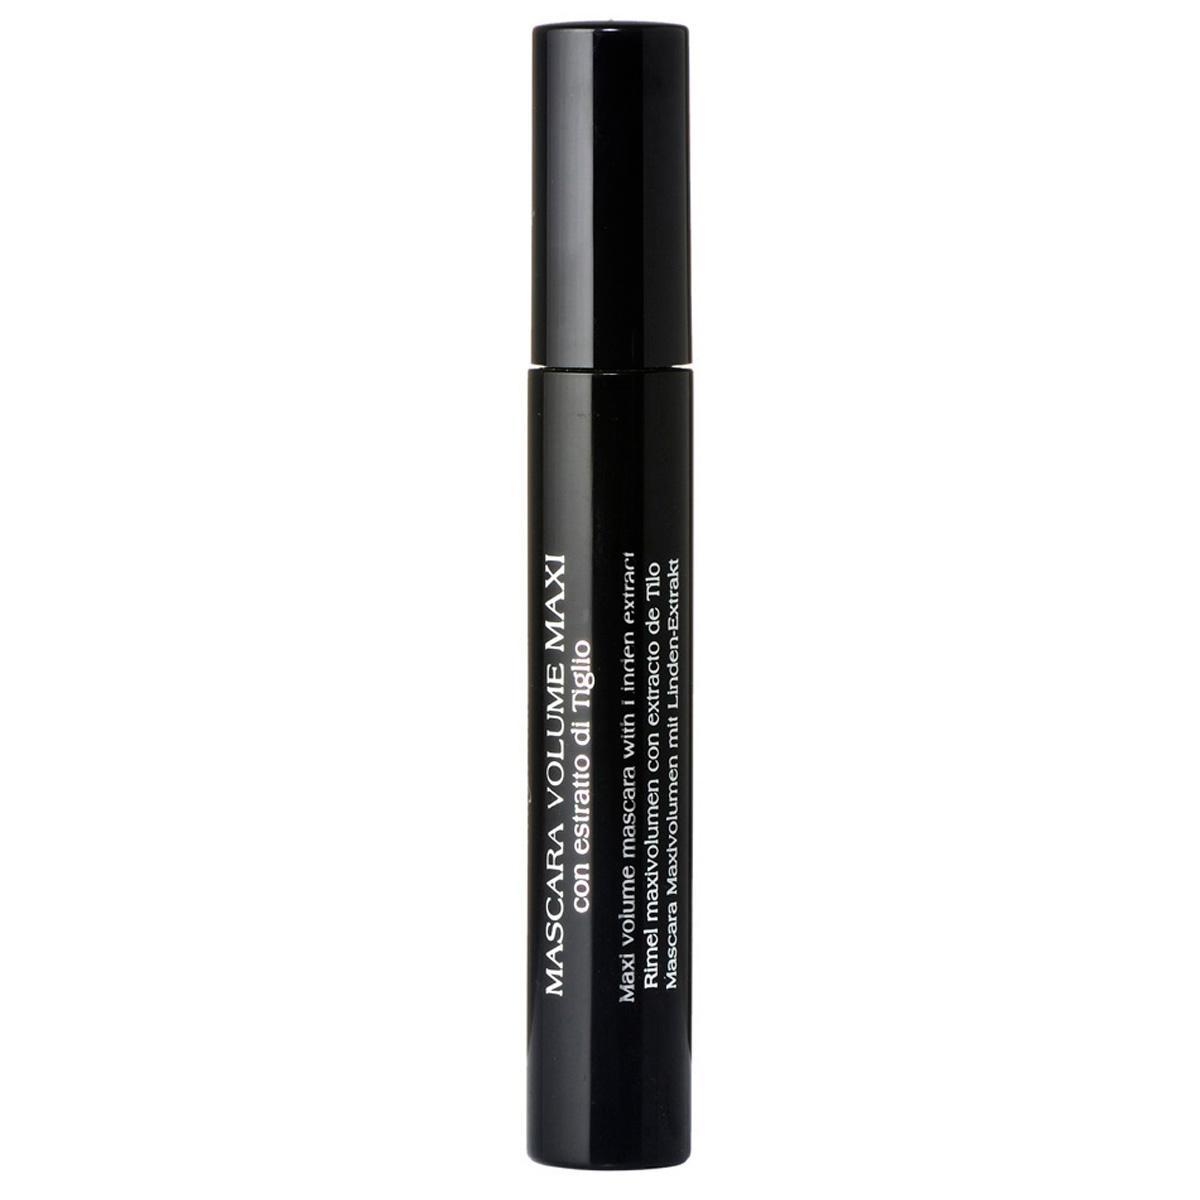 Rimel volum extrem cu extract de tei, negru, 12 ML